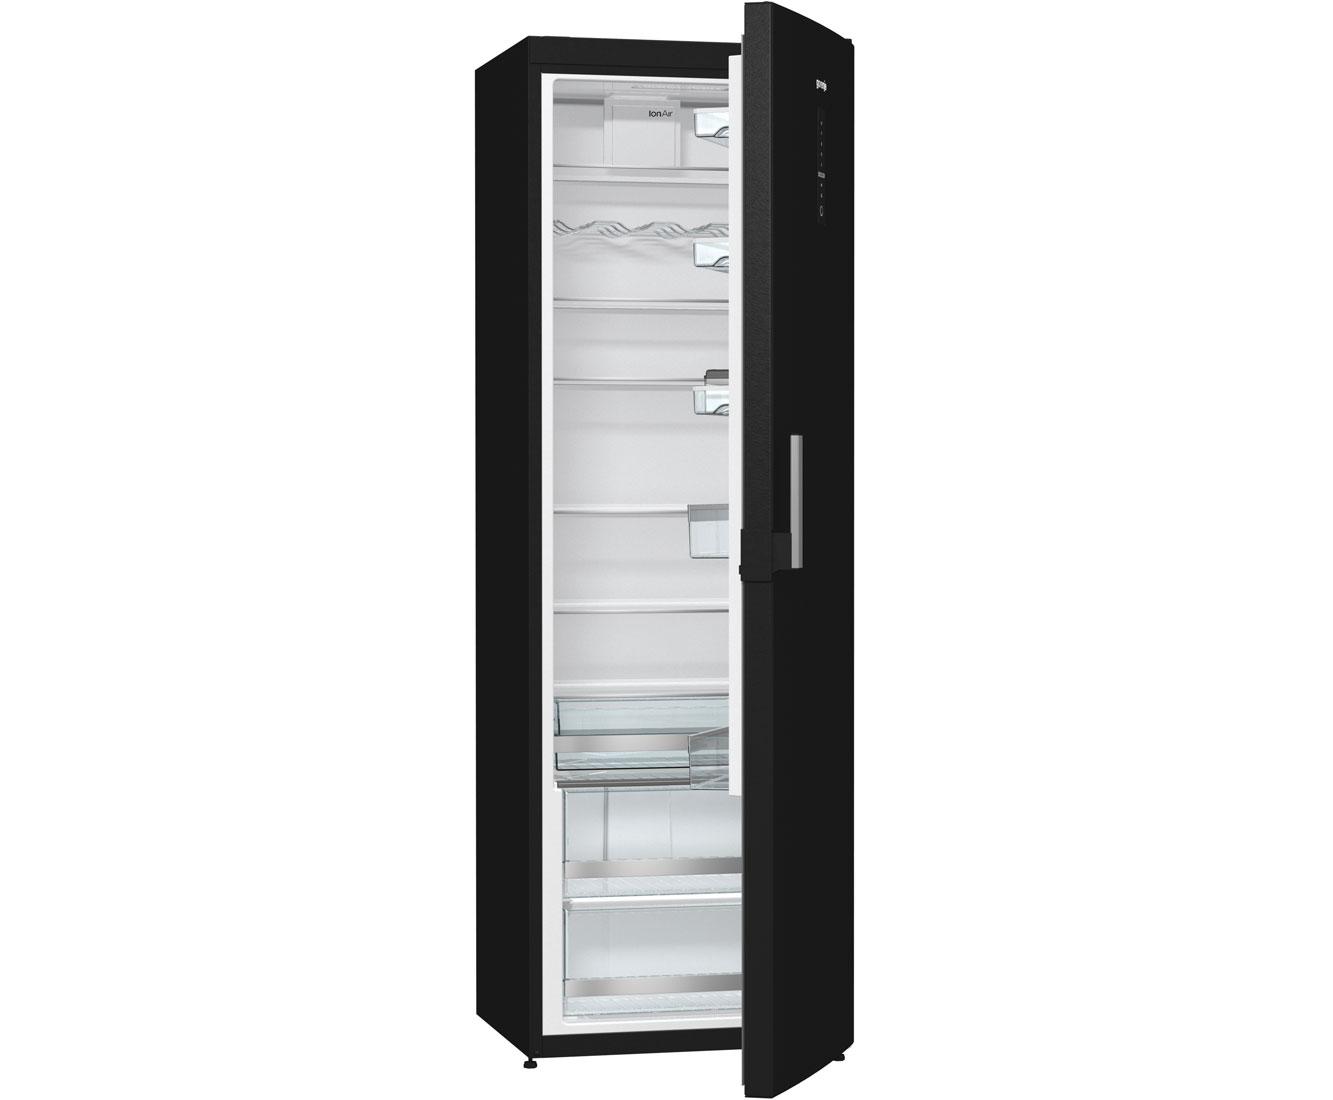 Gorenje Kühlschrank Ventilator Schalter : Kühlschrank schwarz preisvergleich u die besten angebote online kaufen